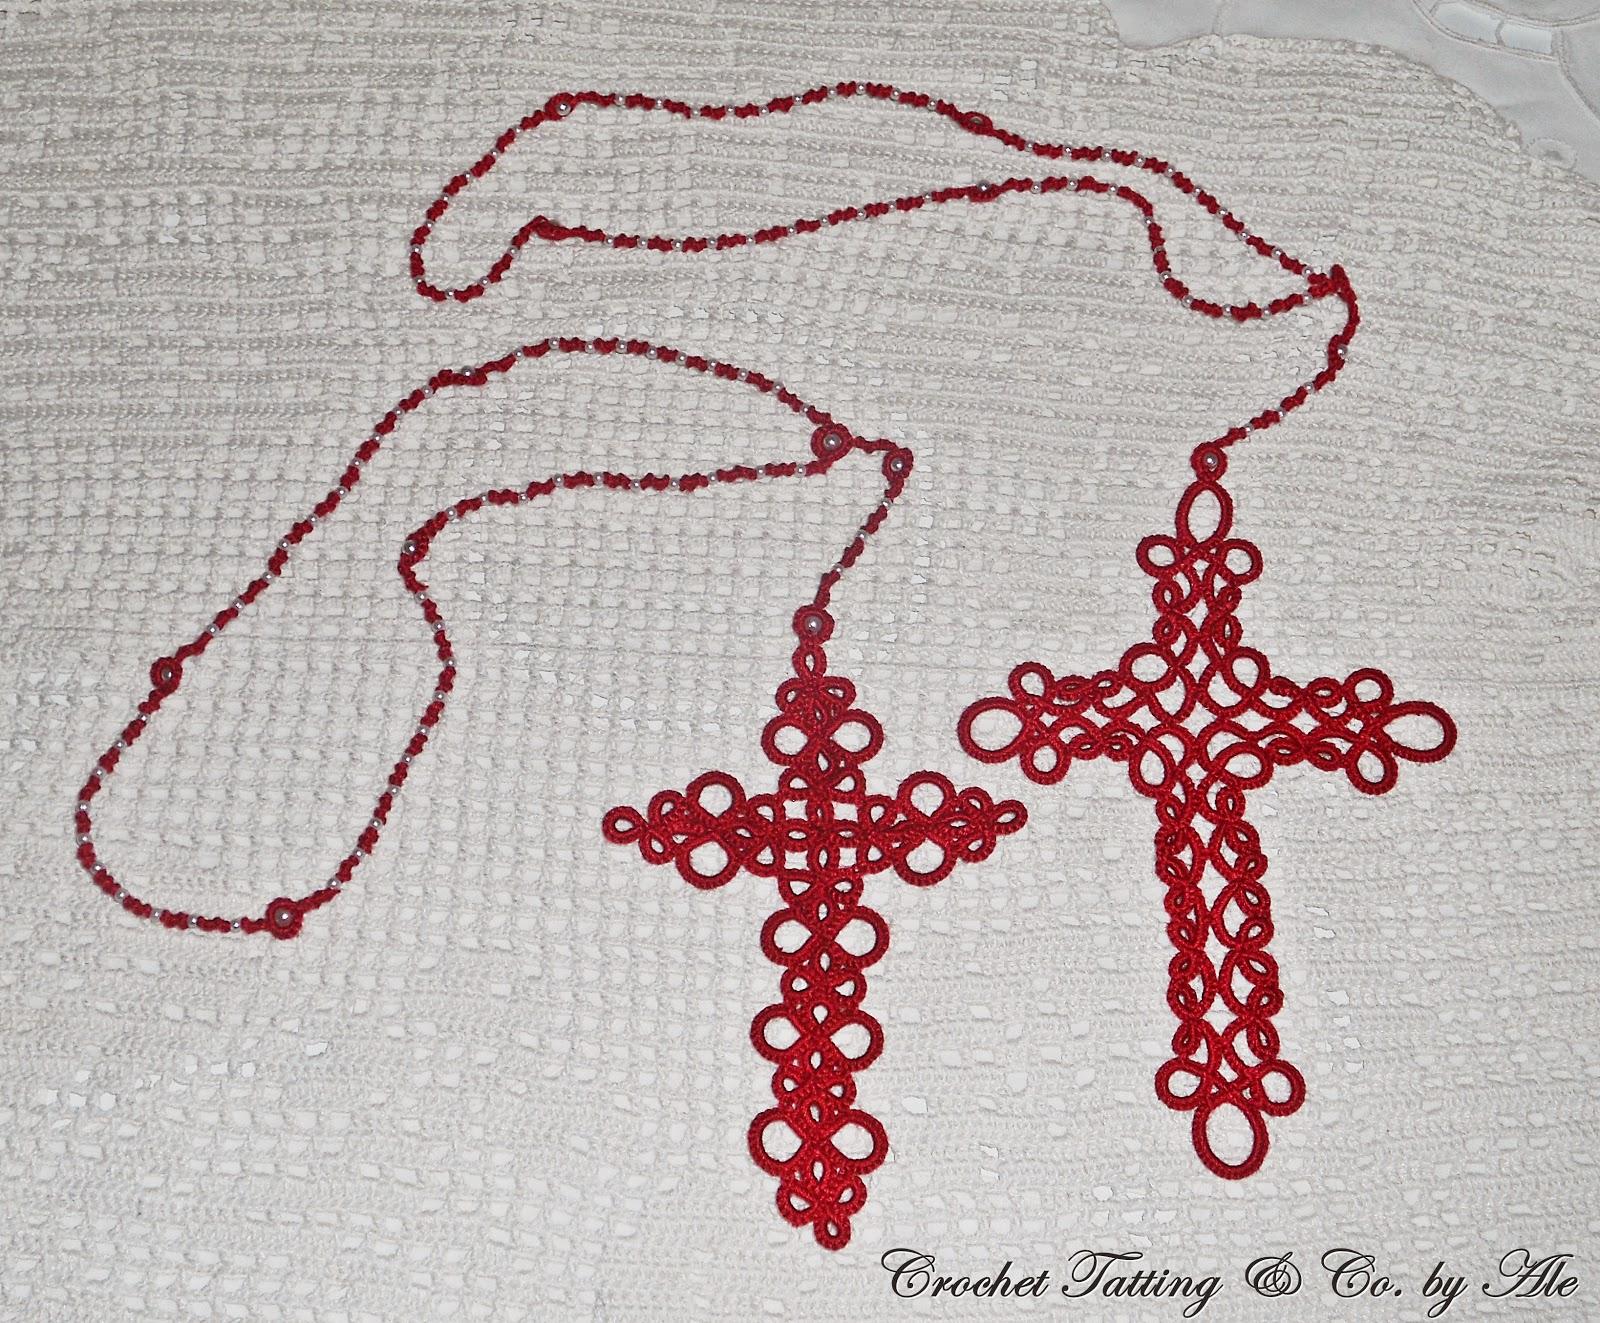 schema rosari al chiacchierino